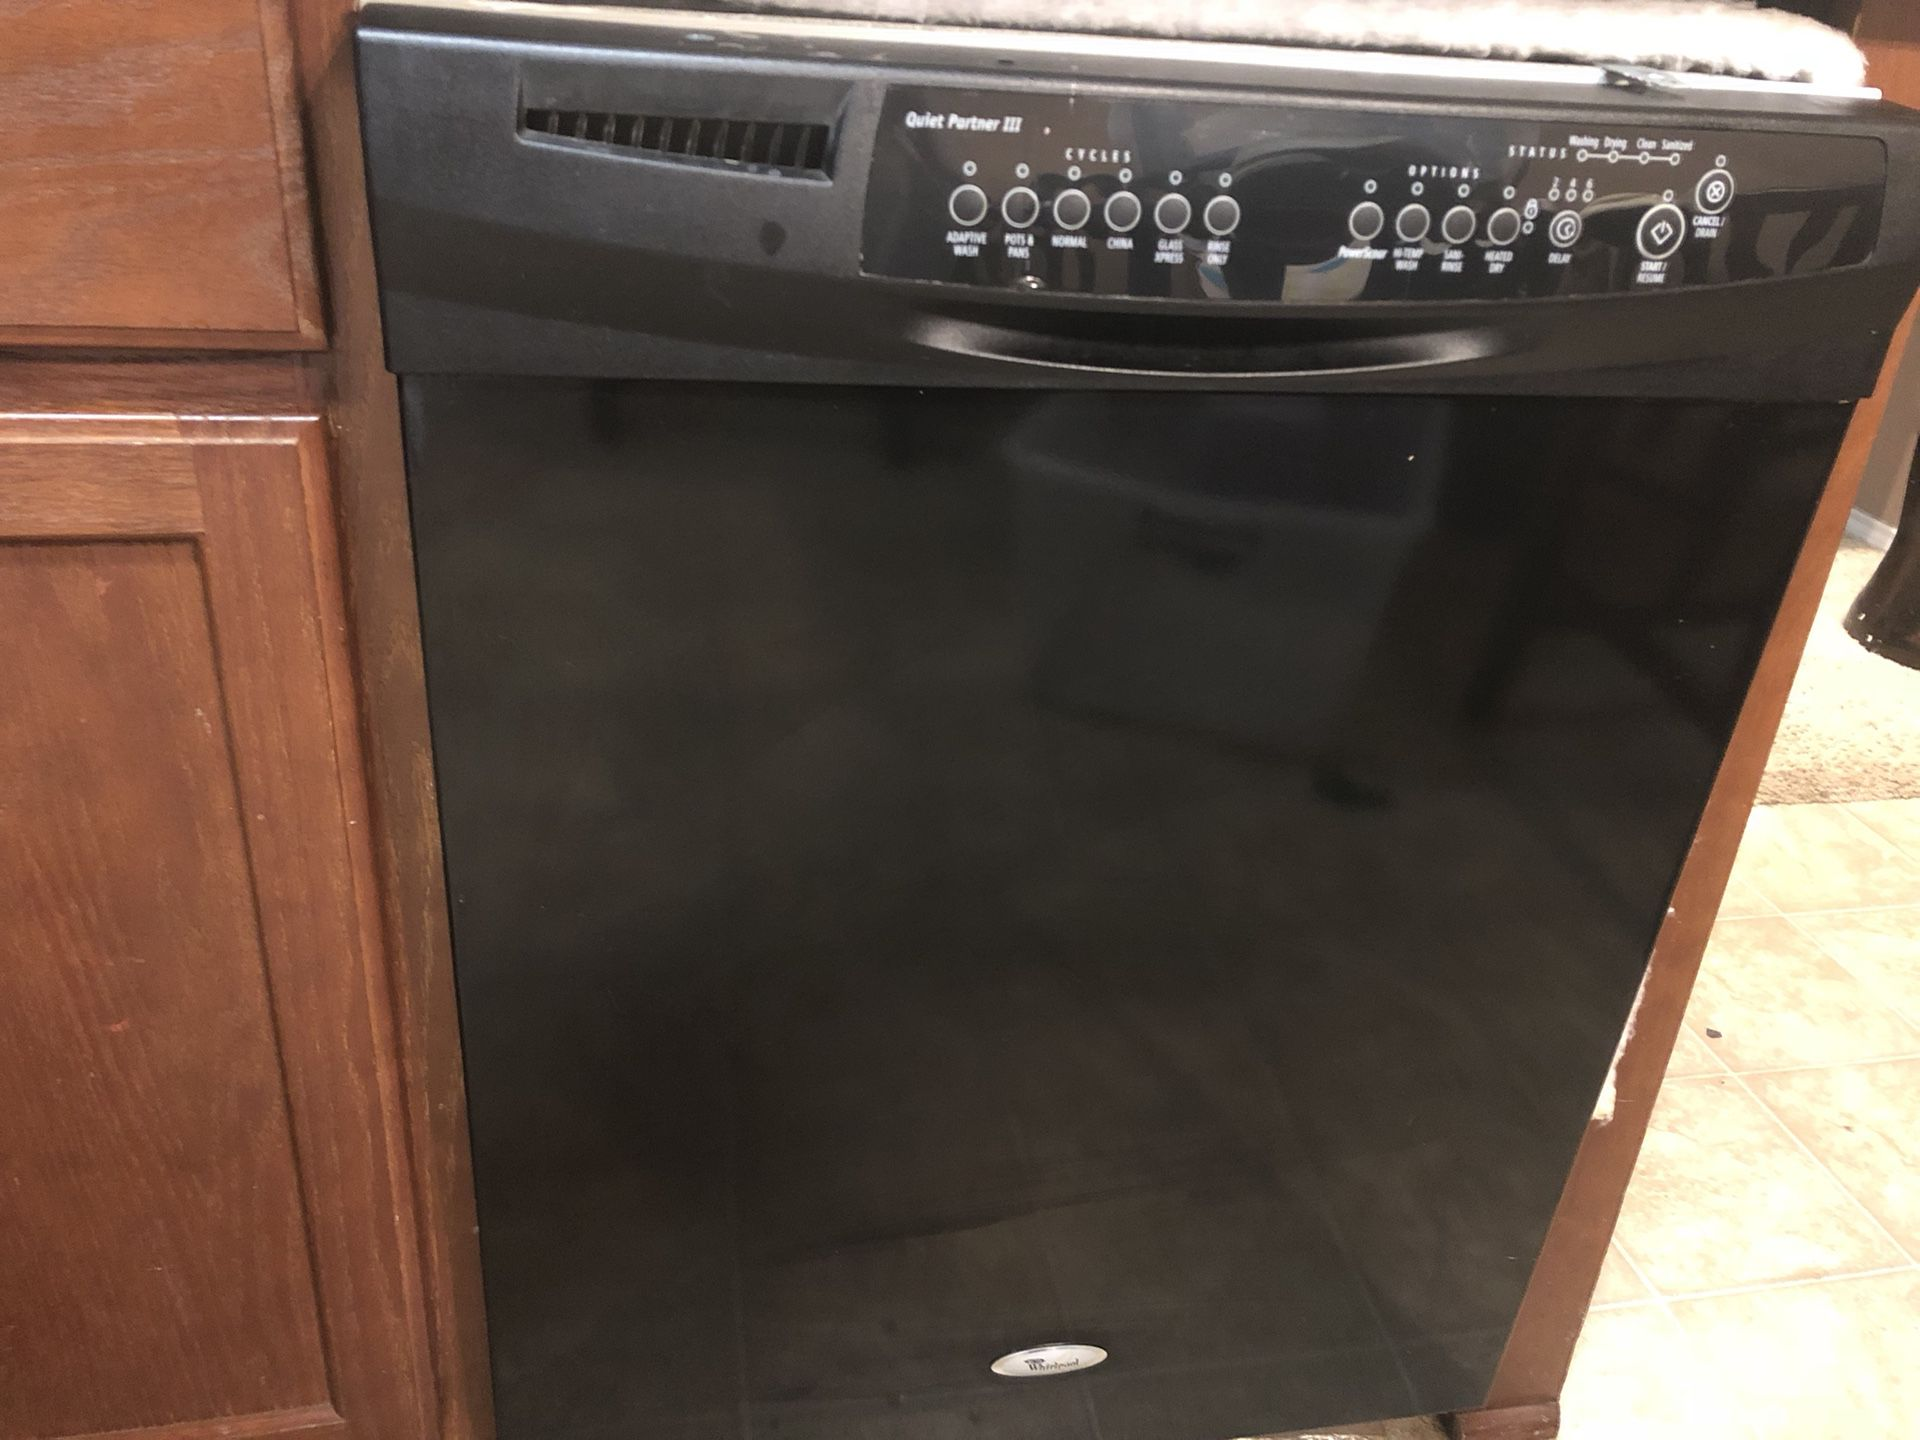 Whirlpool Quiet Partner III Dishwasher